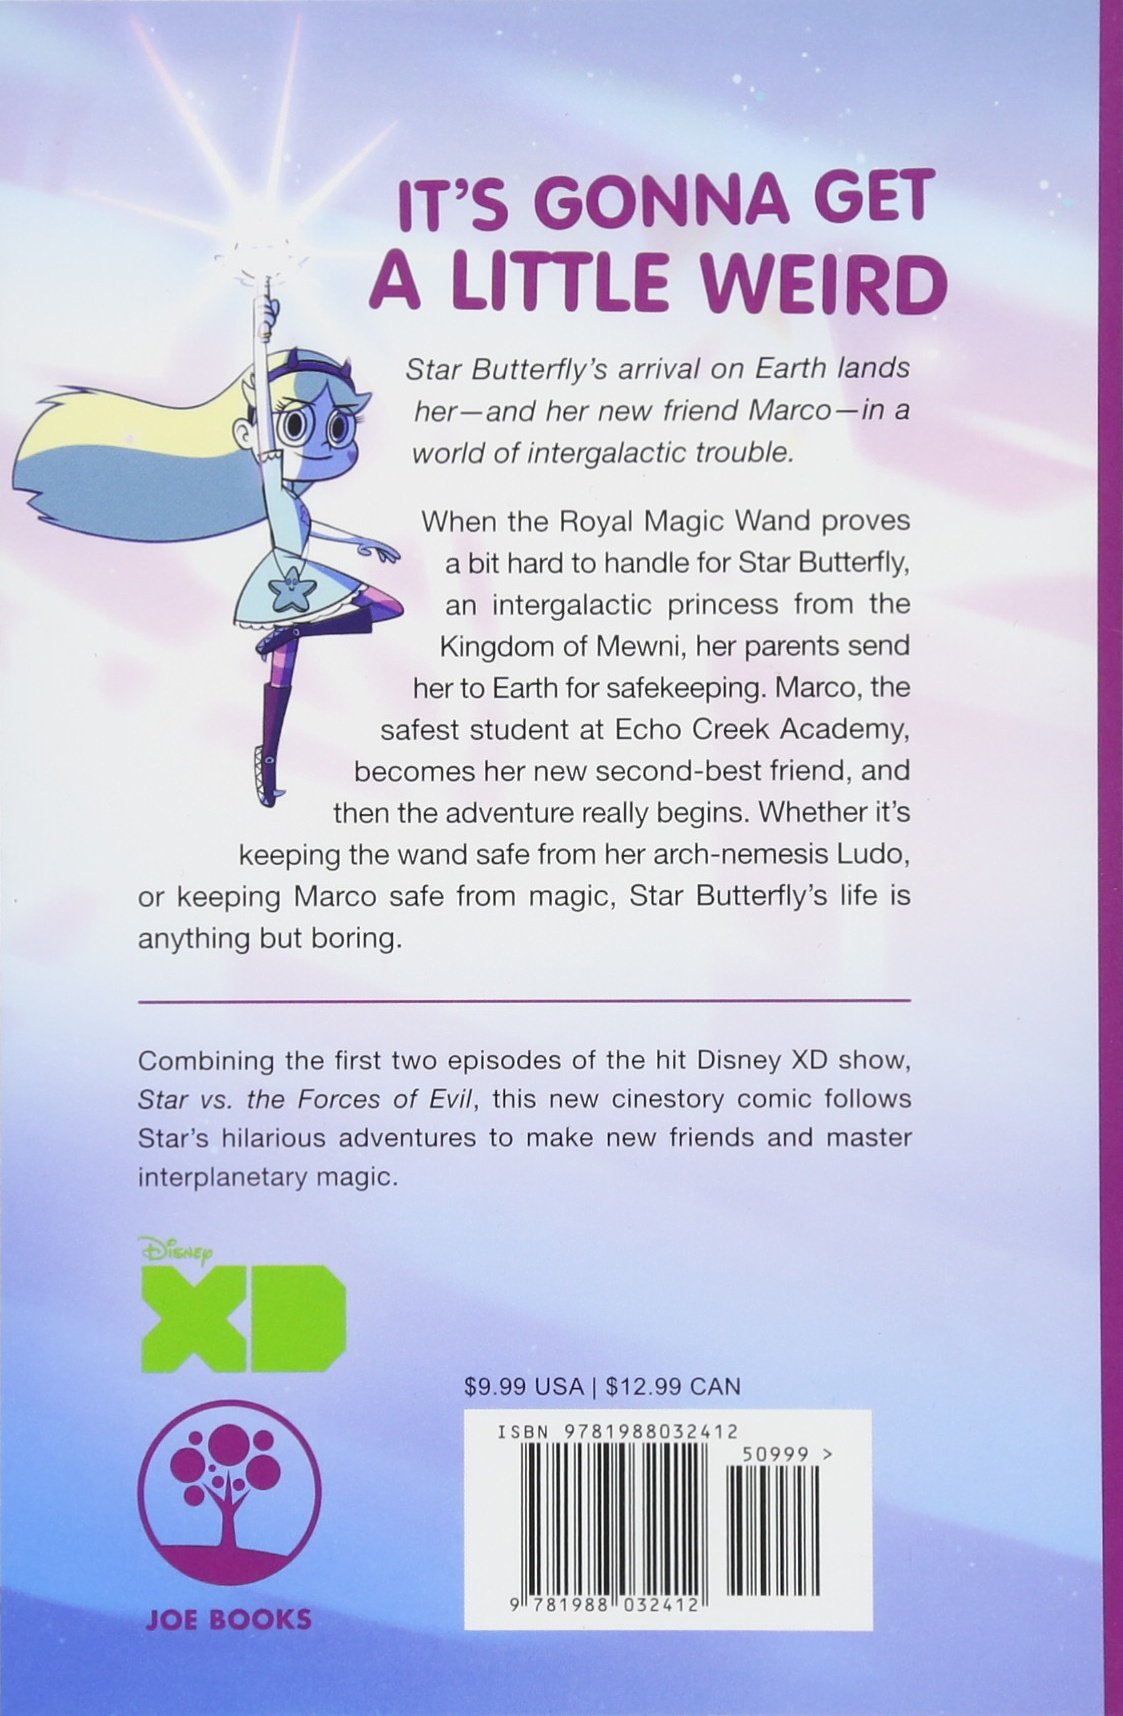 Disney Star vs. The Forces of Evil Cinestory Comic: Amazon.es: Disney: Libros en idiomas extranjeros